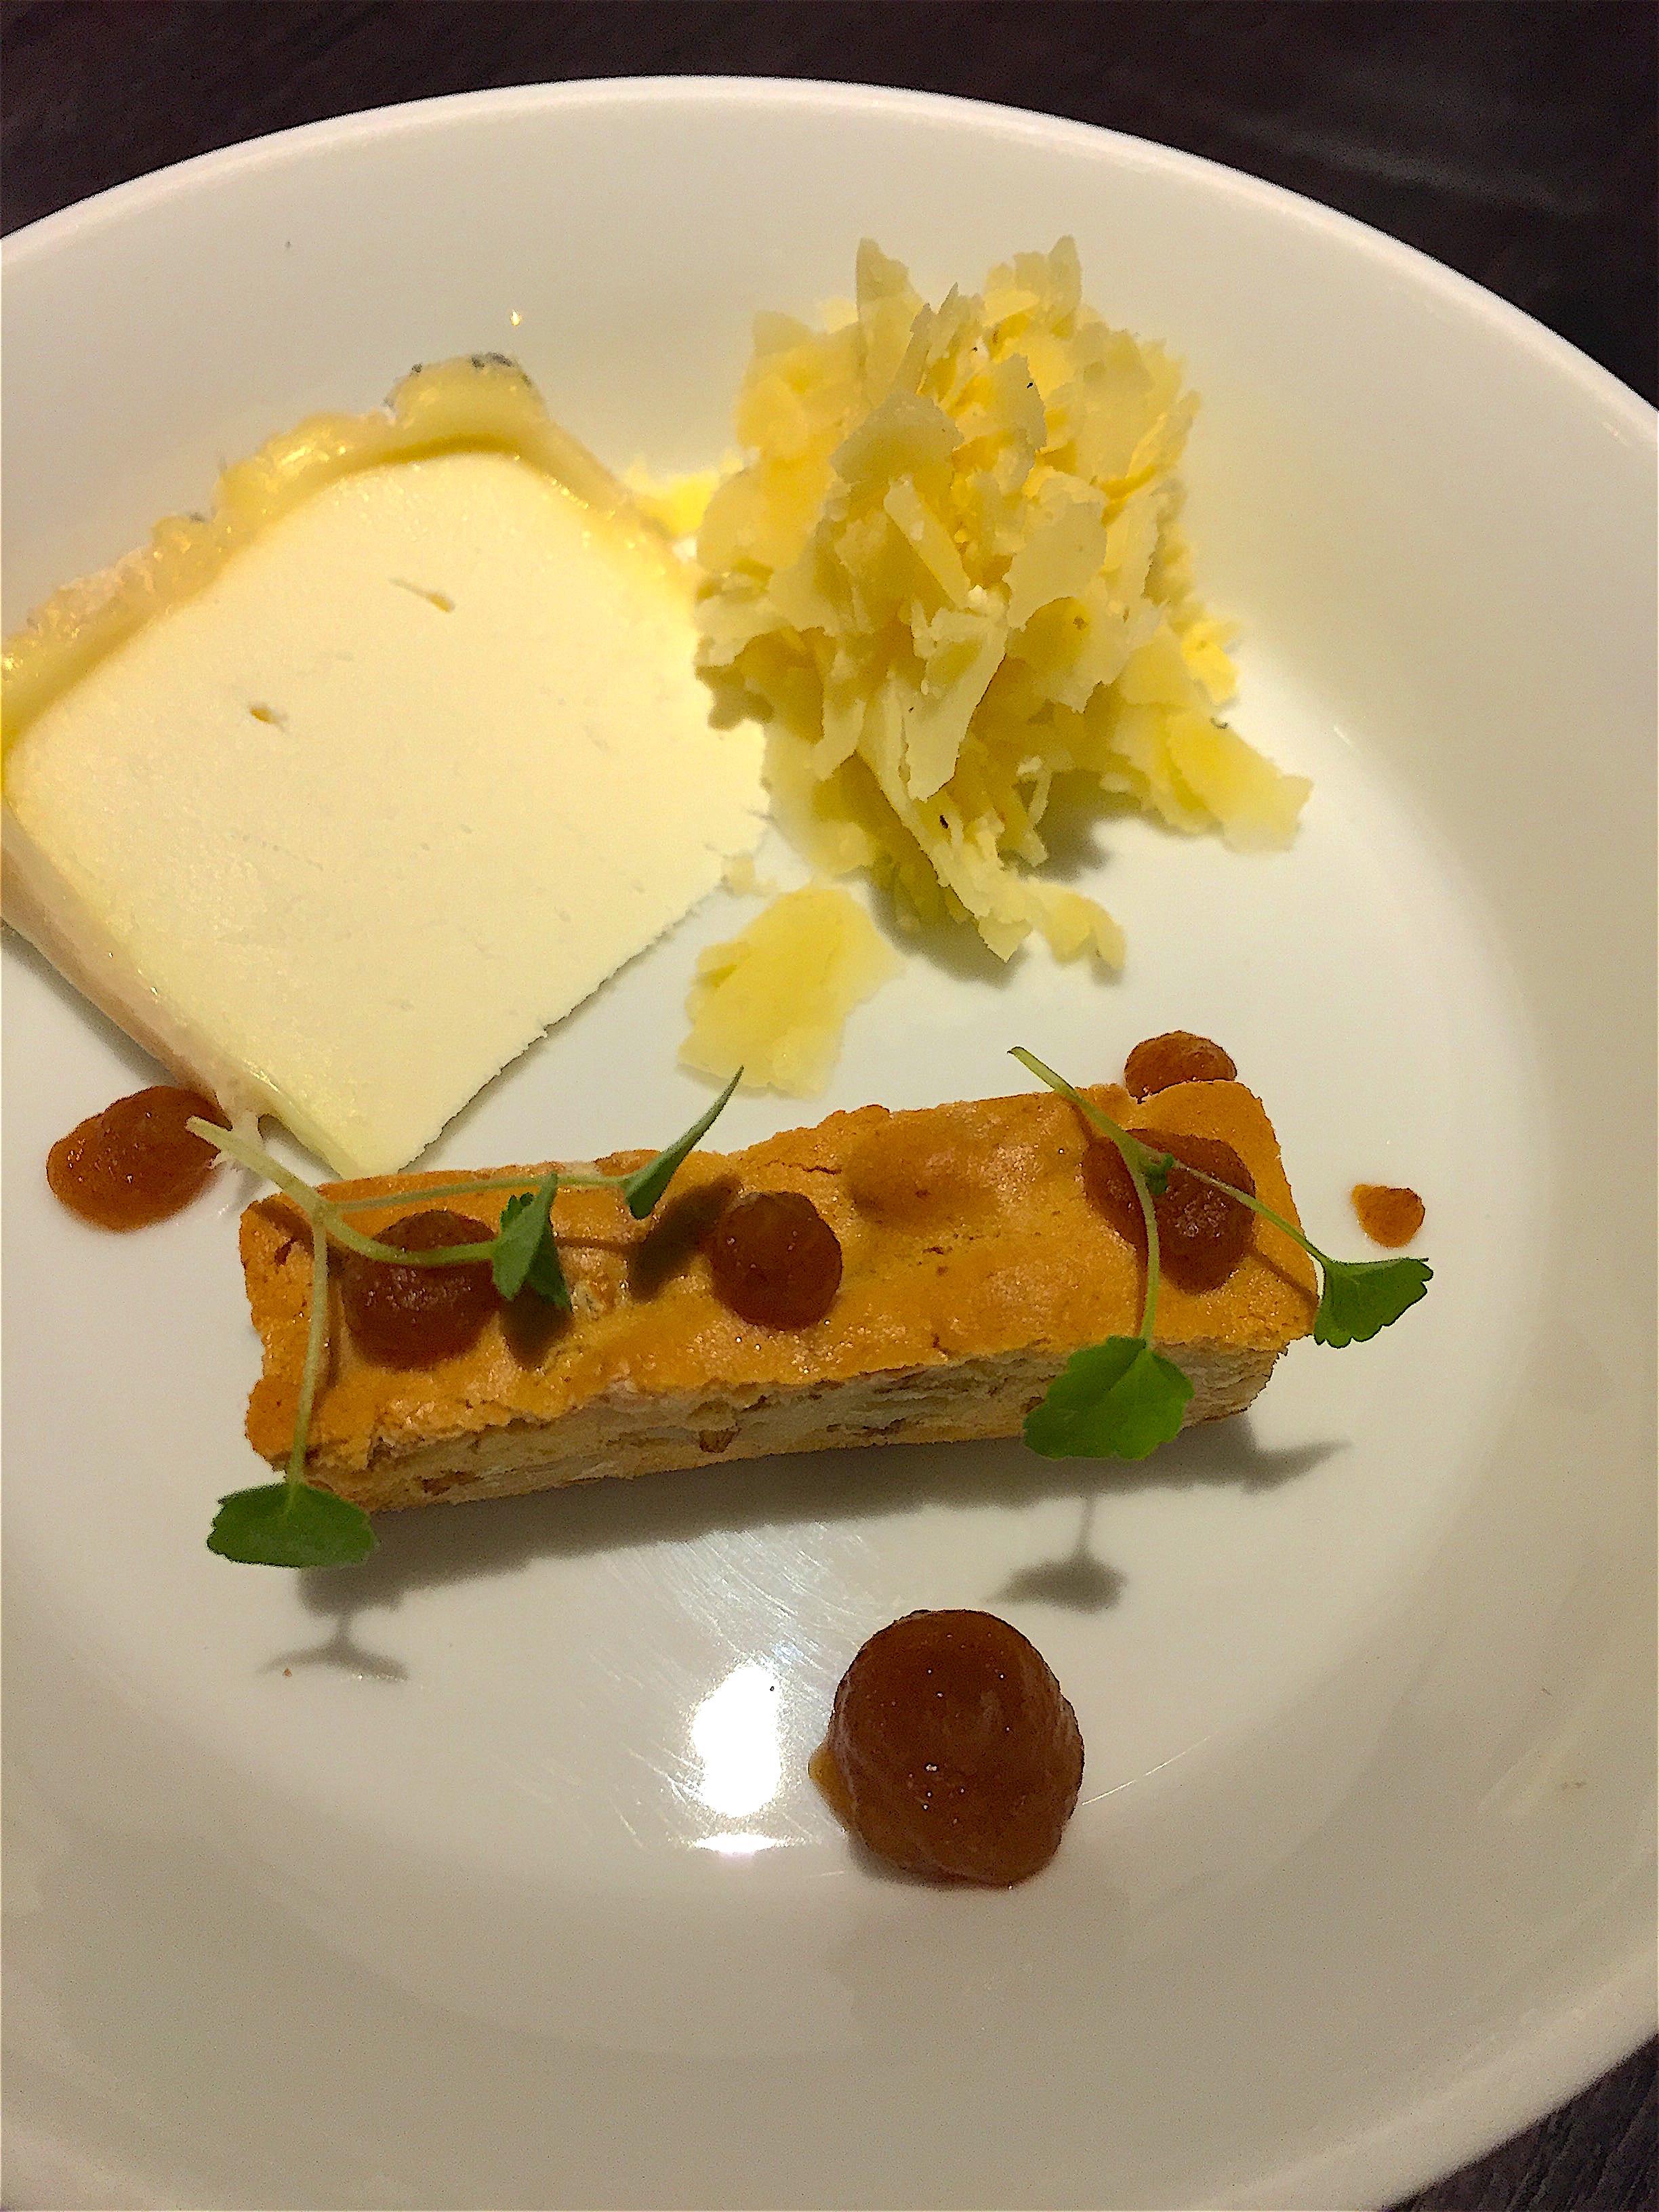 Restaurant Alan Geeam - Cheese plate from Bernard Antony @Alexander Lorna